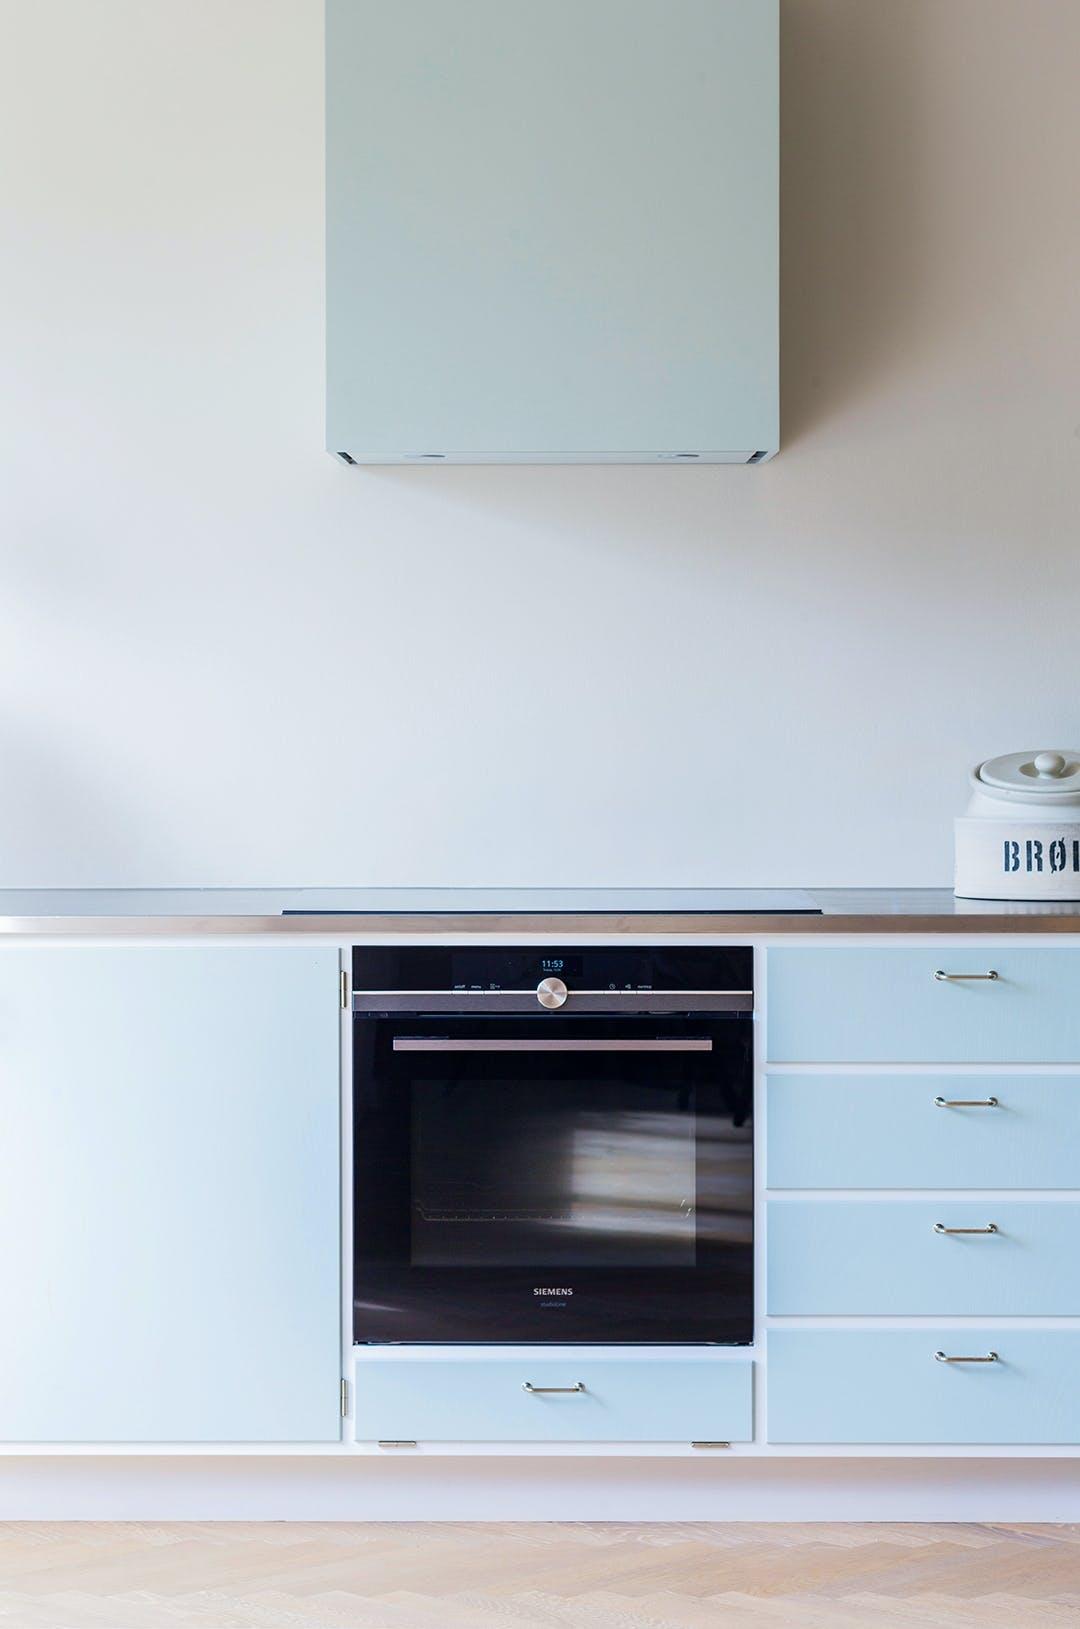 indbygget ovn emhætte køkken hvidt